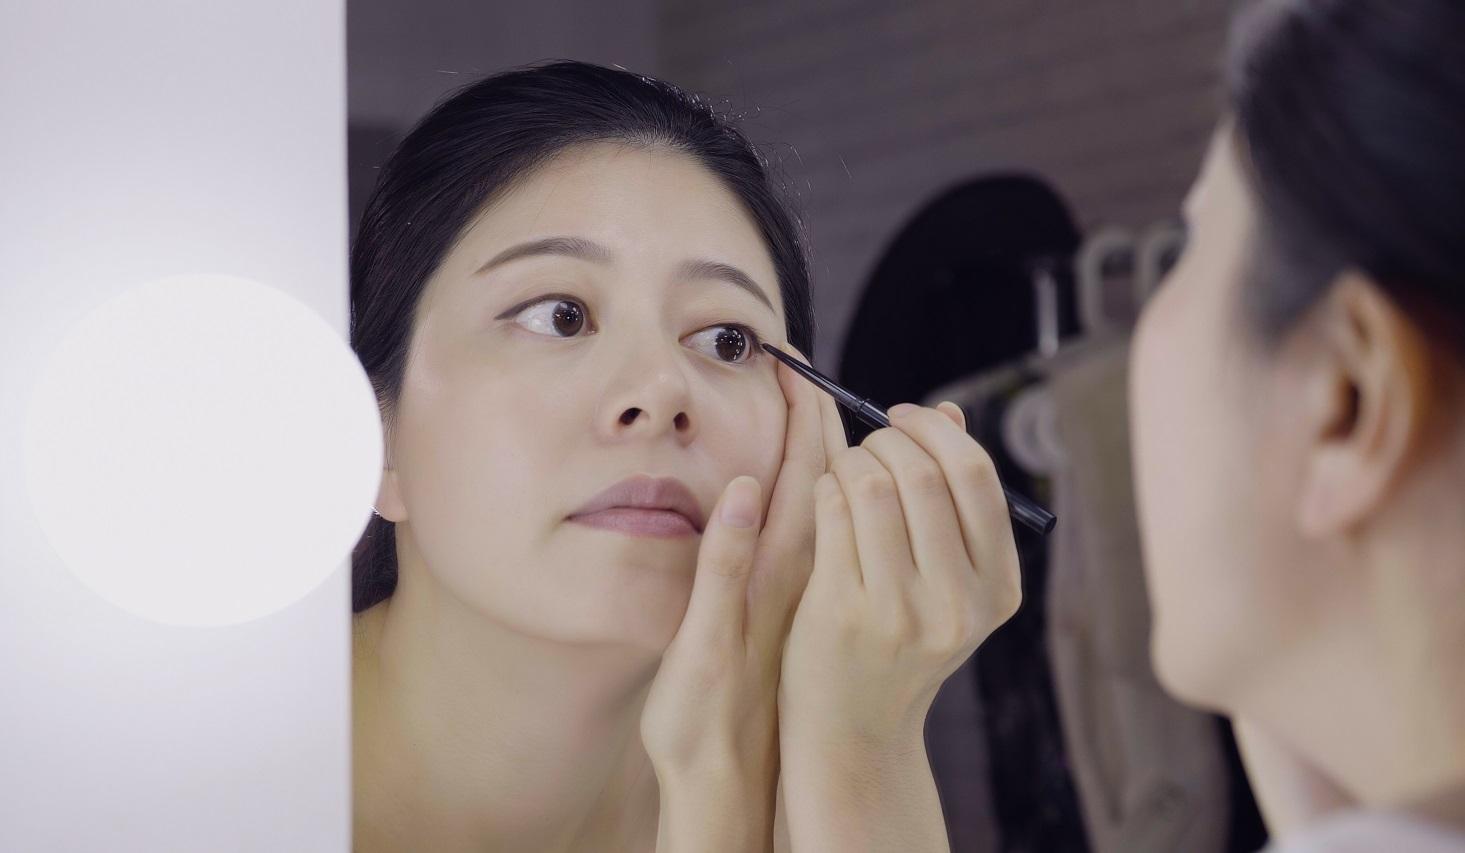 鏡を見ながら目の際にアイラインを入れる女性